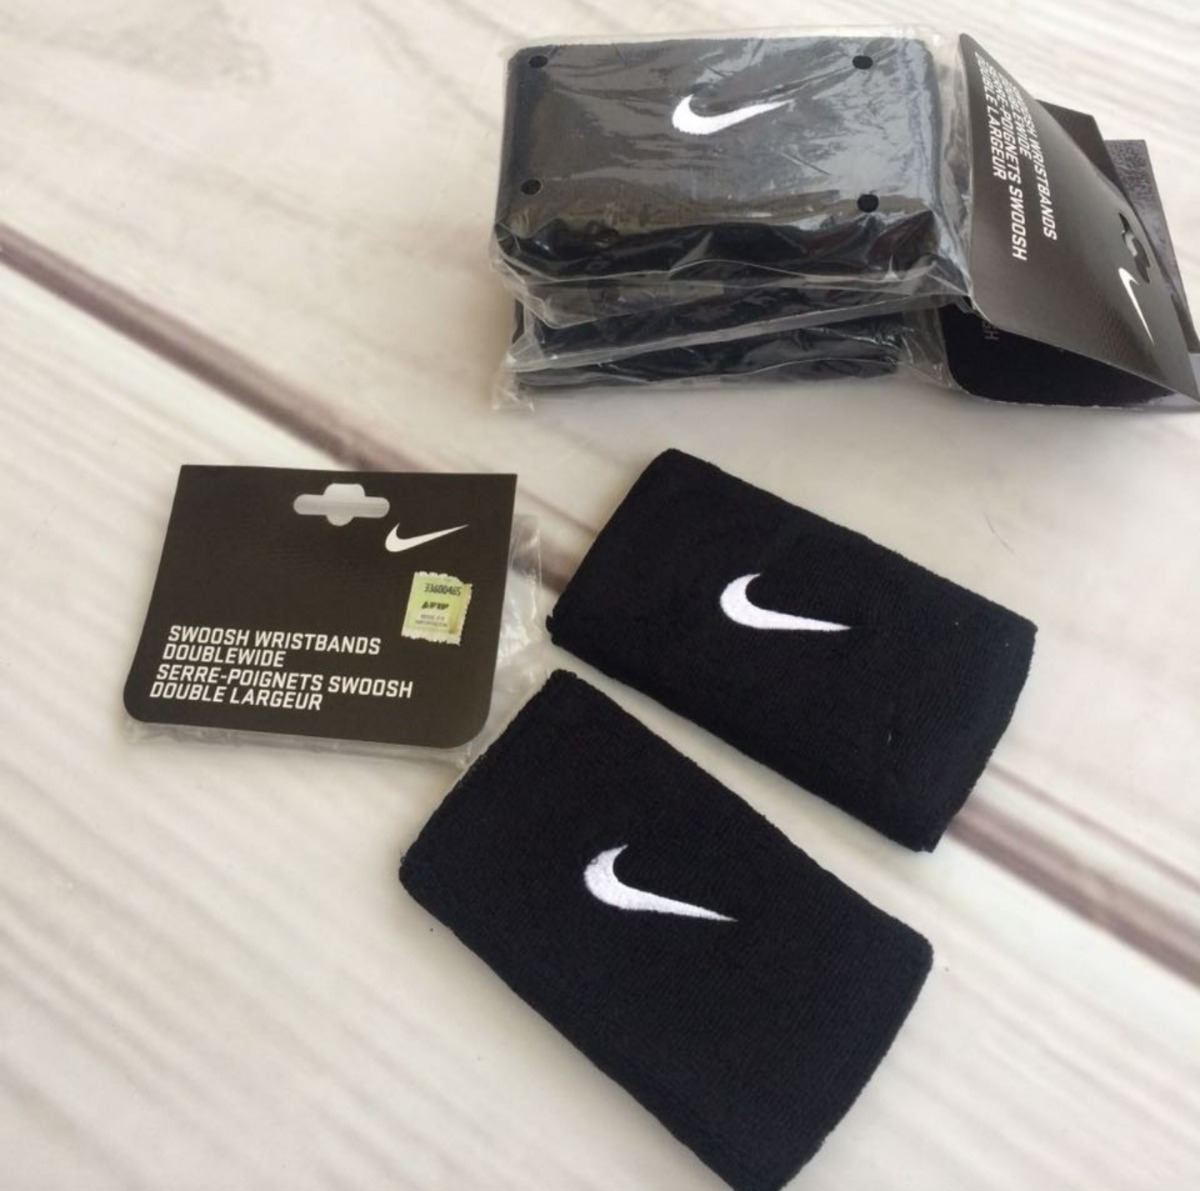 c811d2af3 Muñequeras Nike Swoosh - $ 720,00 en Mercado Libre